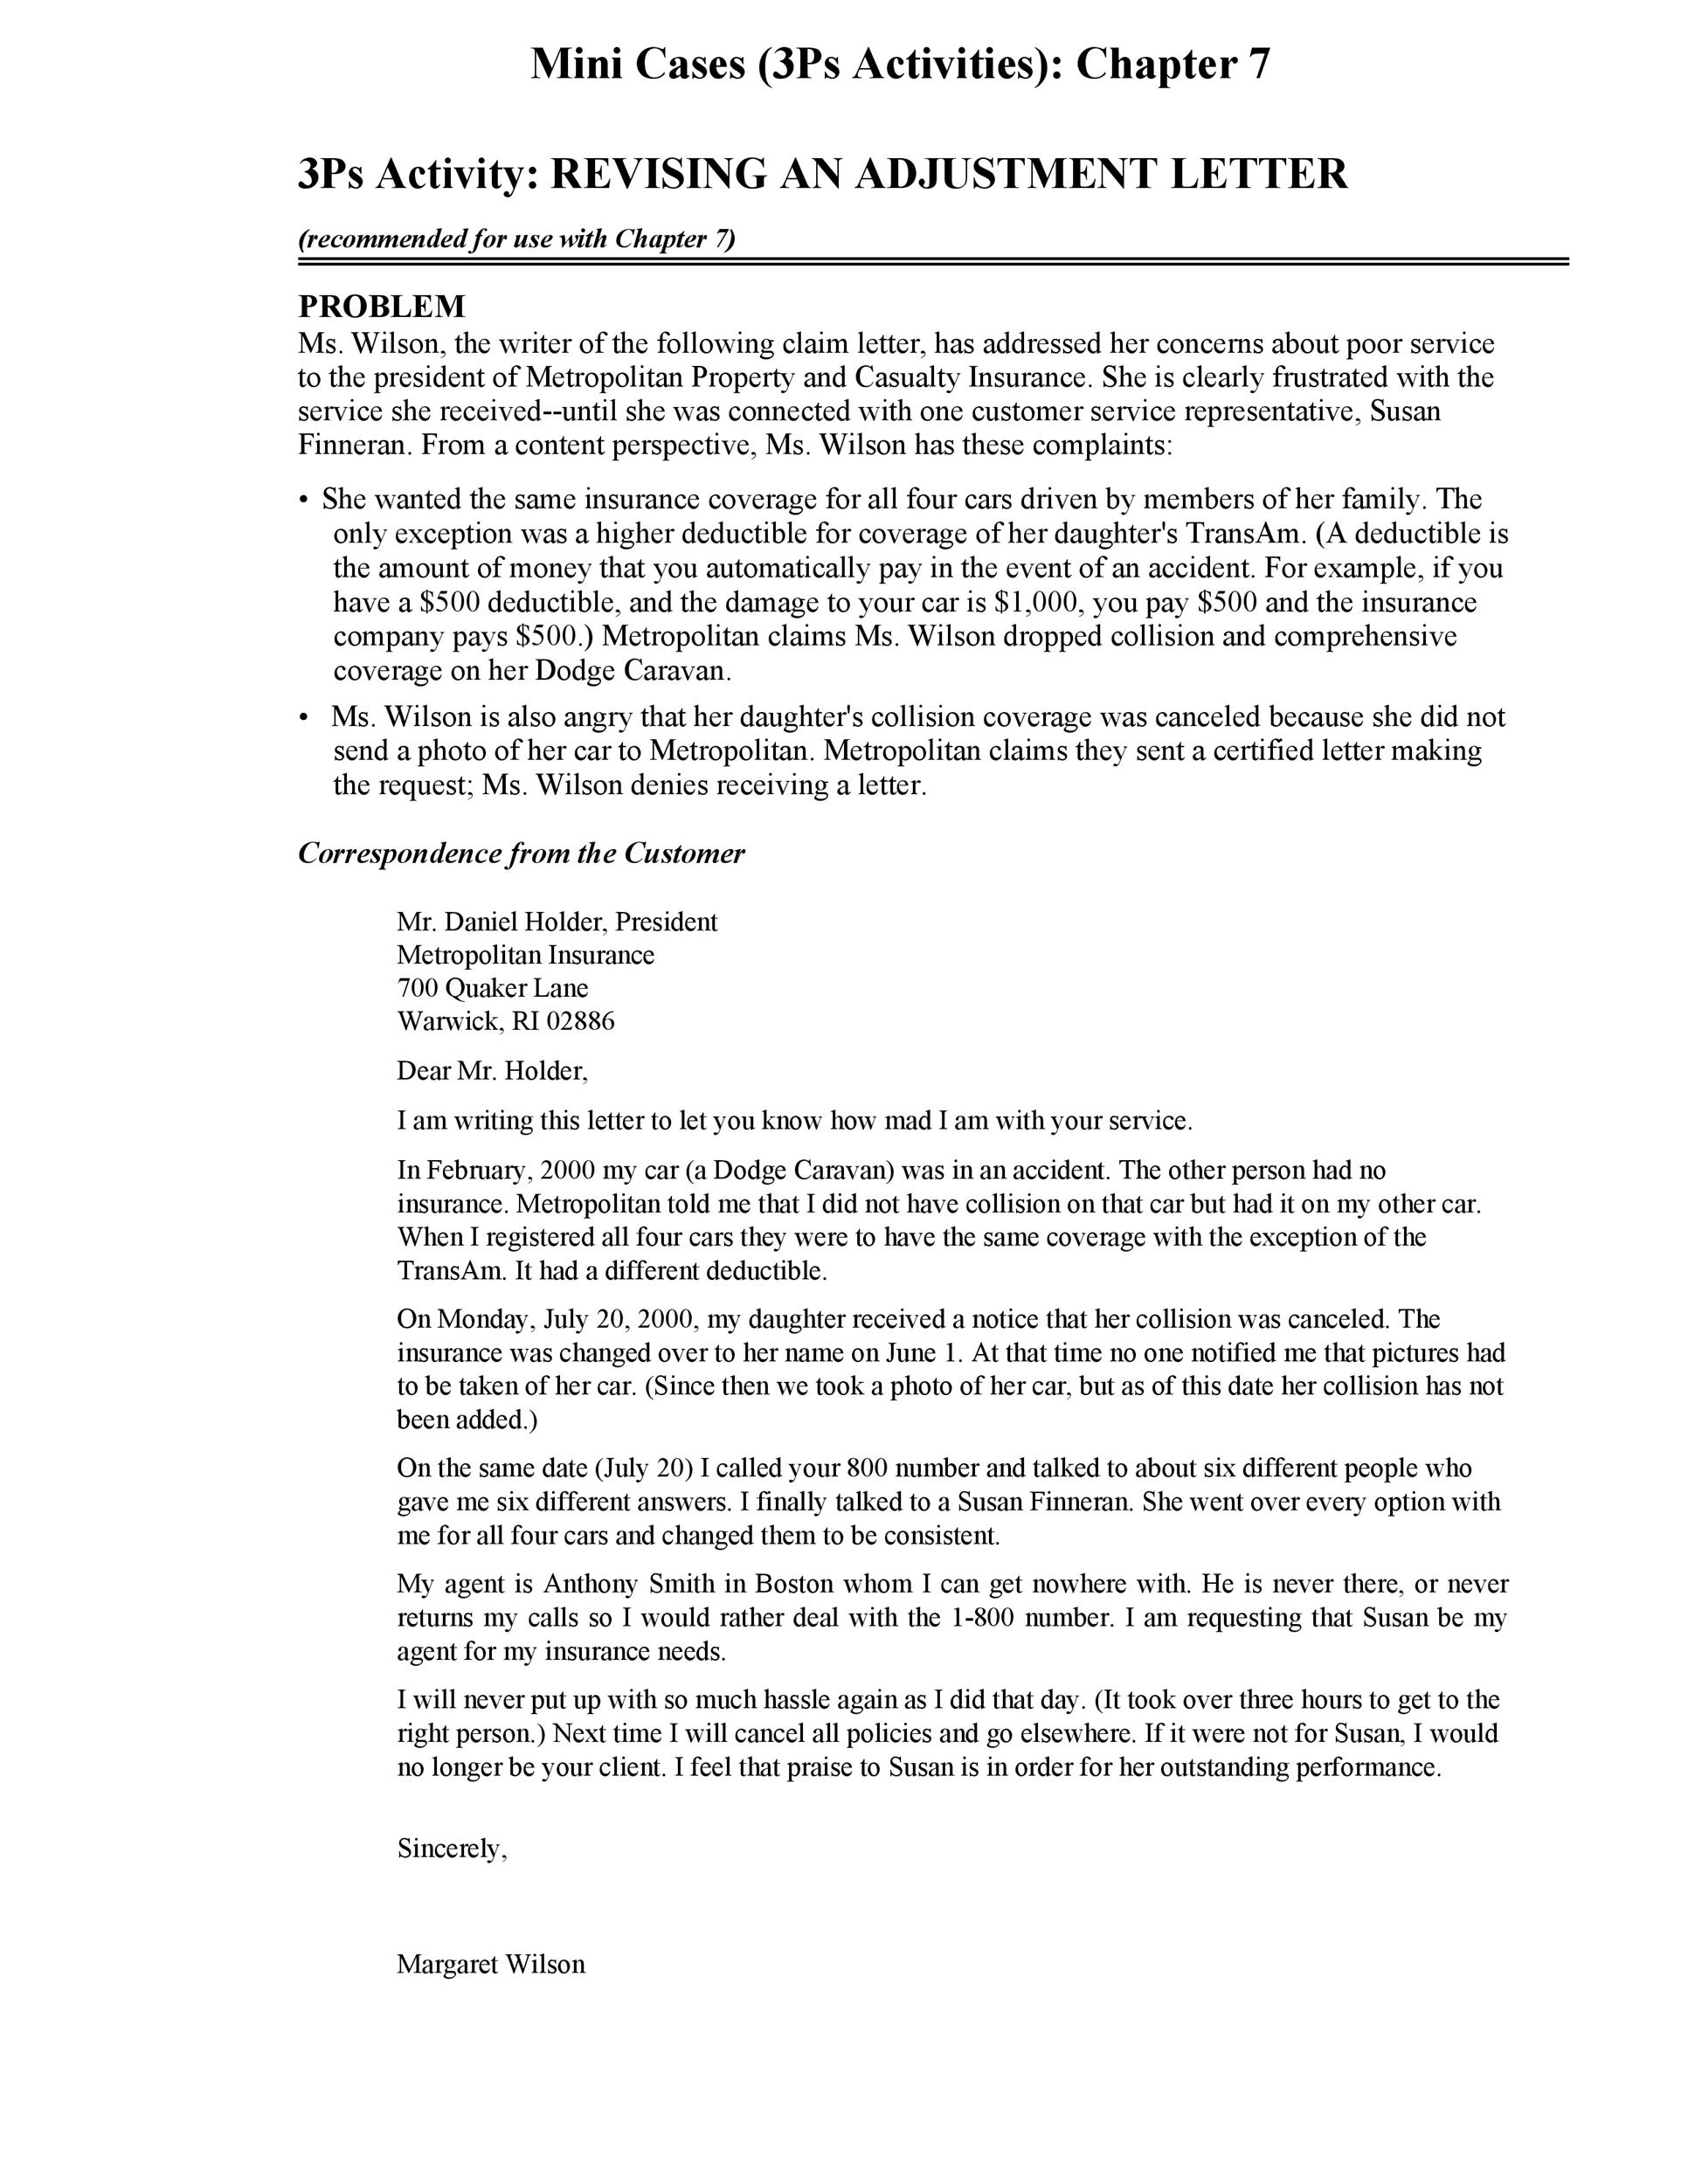 Free adjustment letter 02